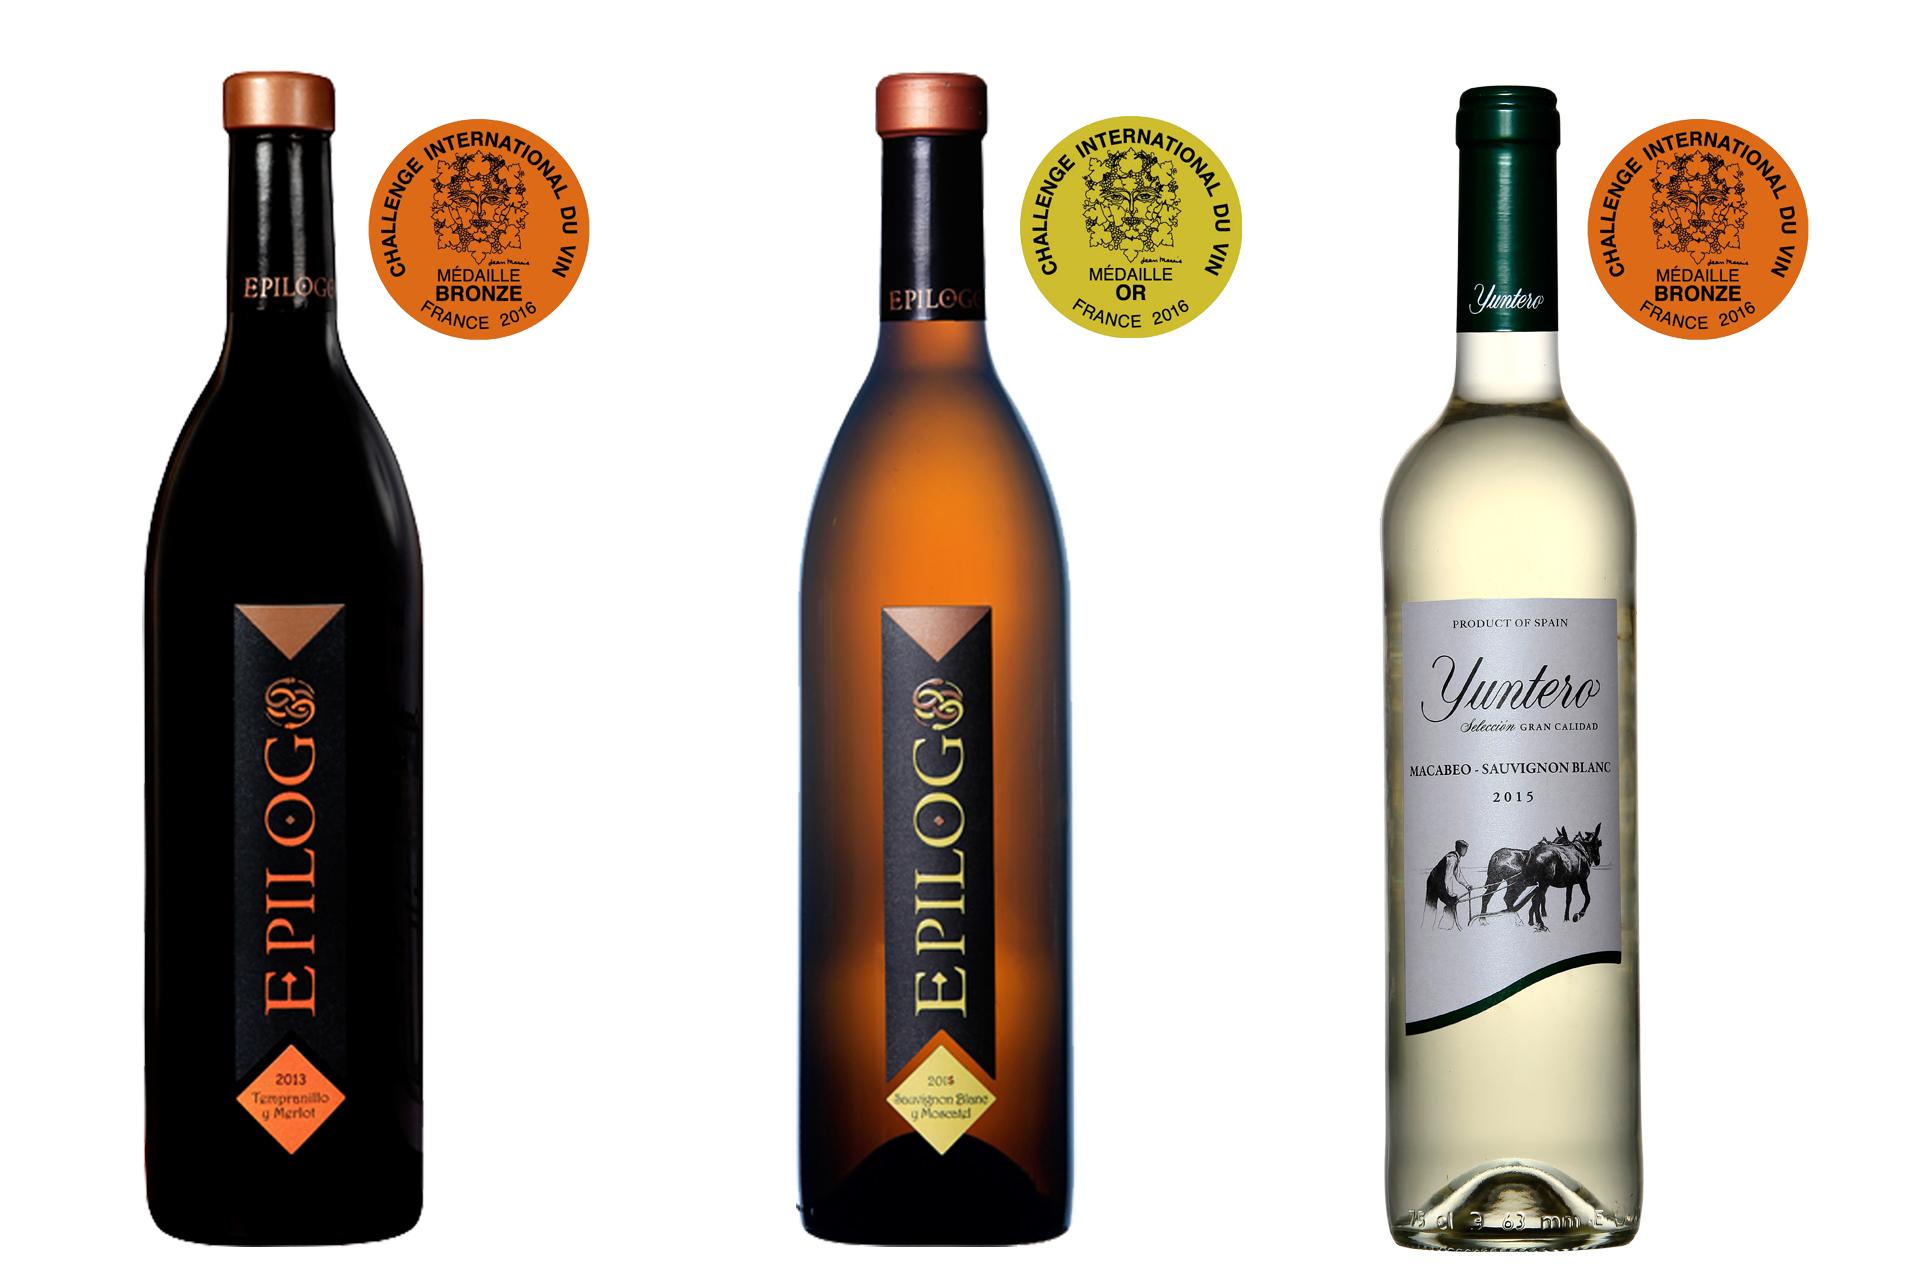 Bodegas Yuntero premiada con tres medallas en el concurso Challenge International du Vin de Francia